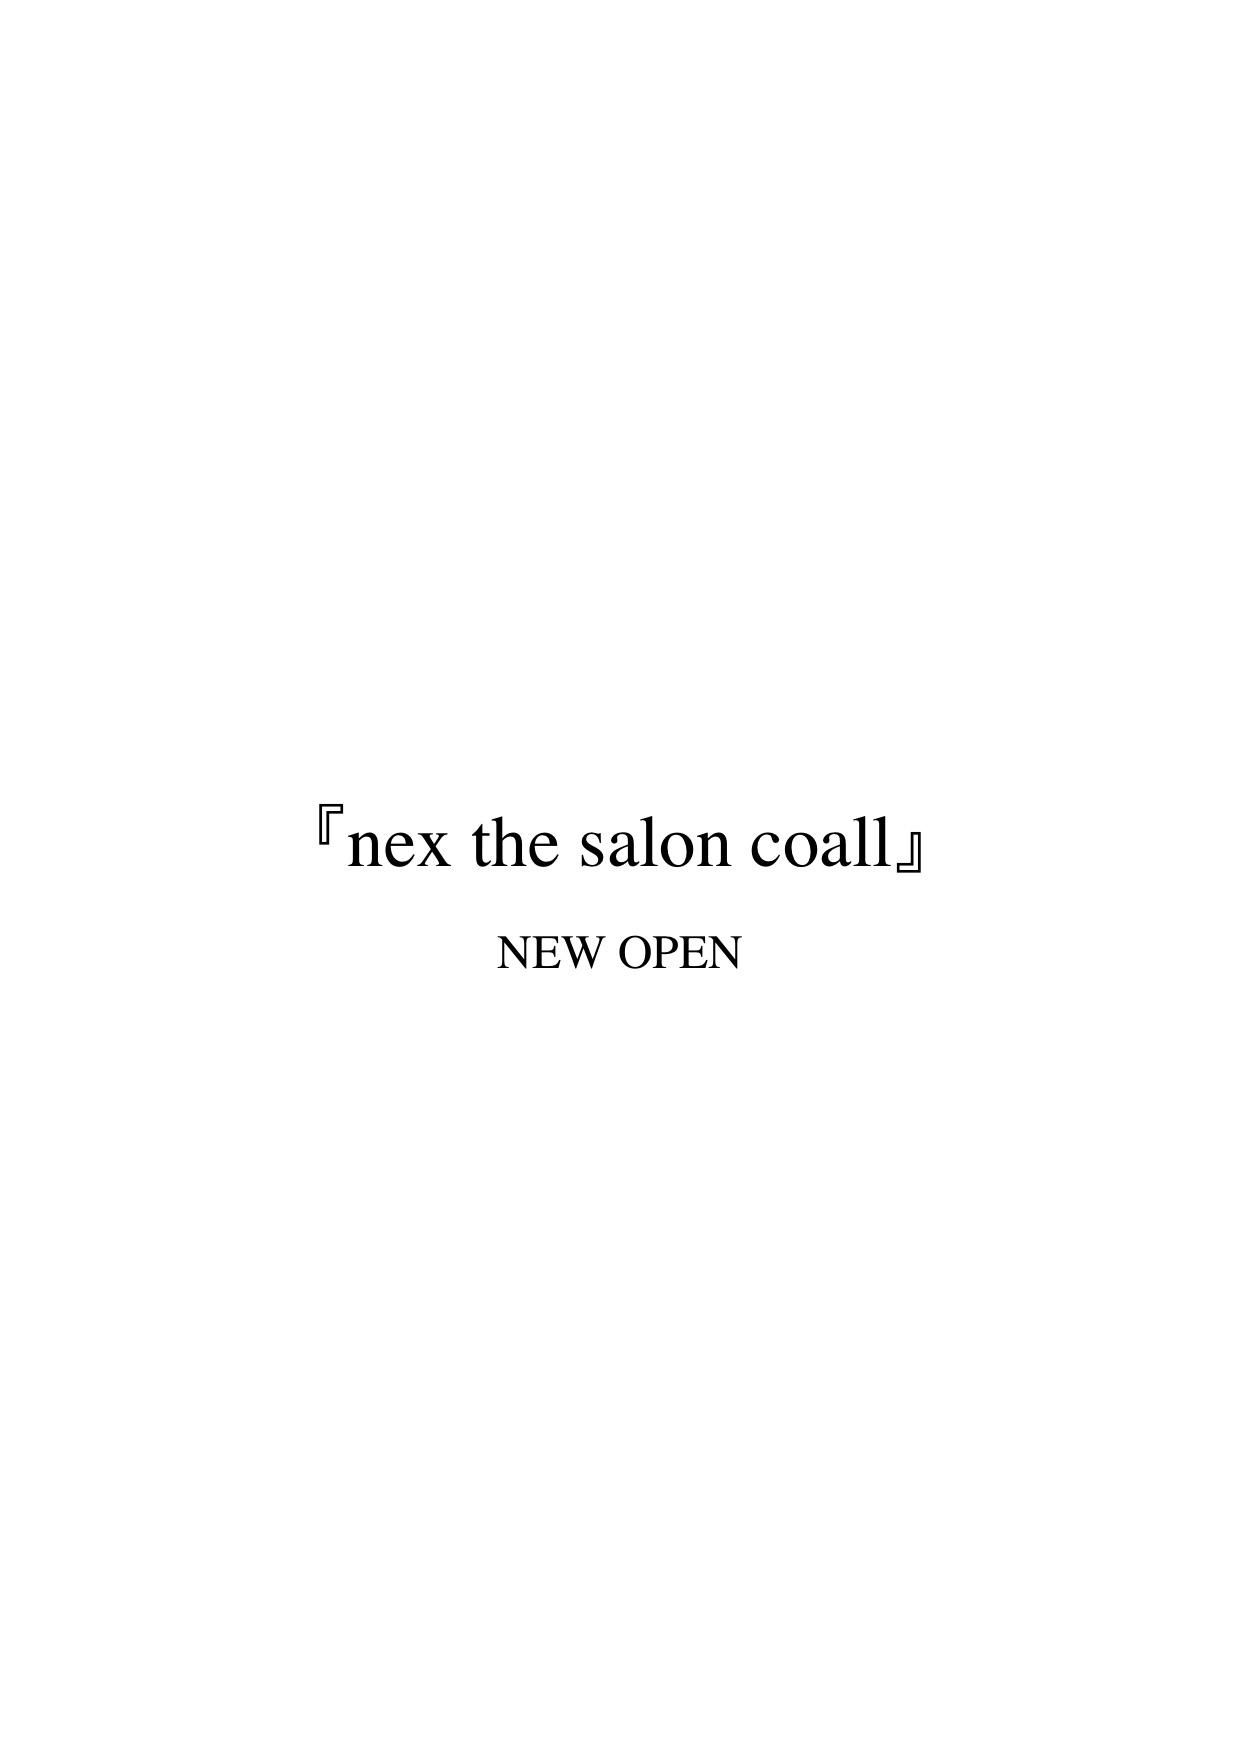 『nex the salon coall』 が表参道にNEW OPEN